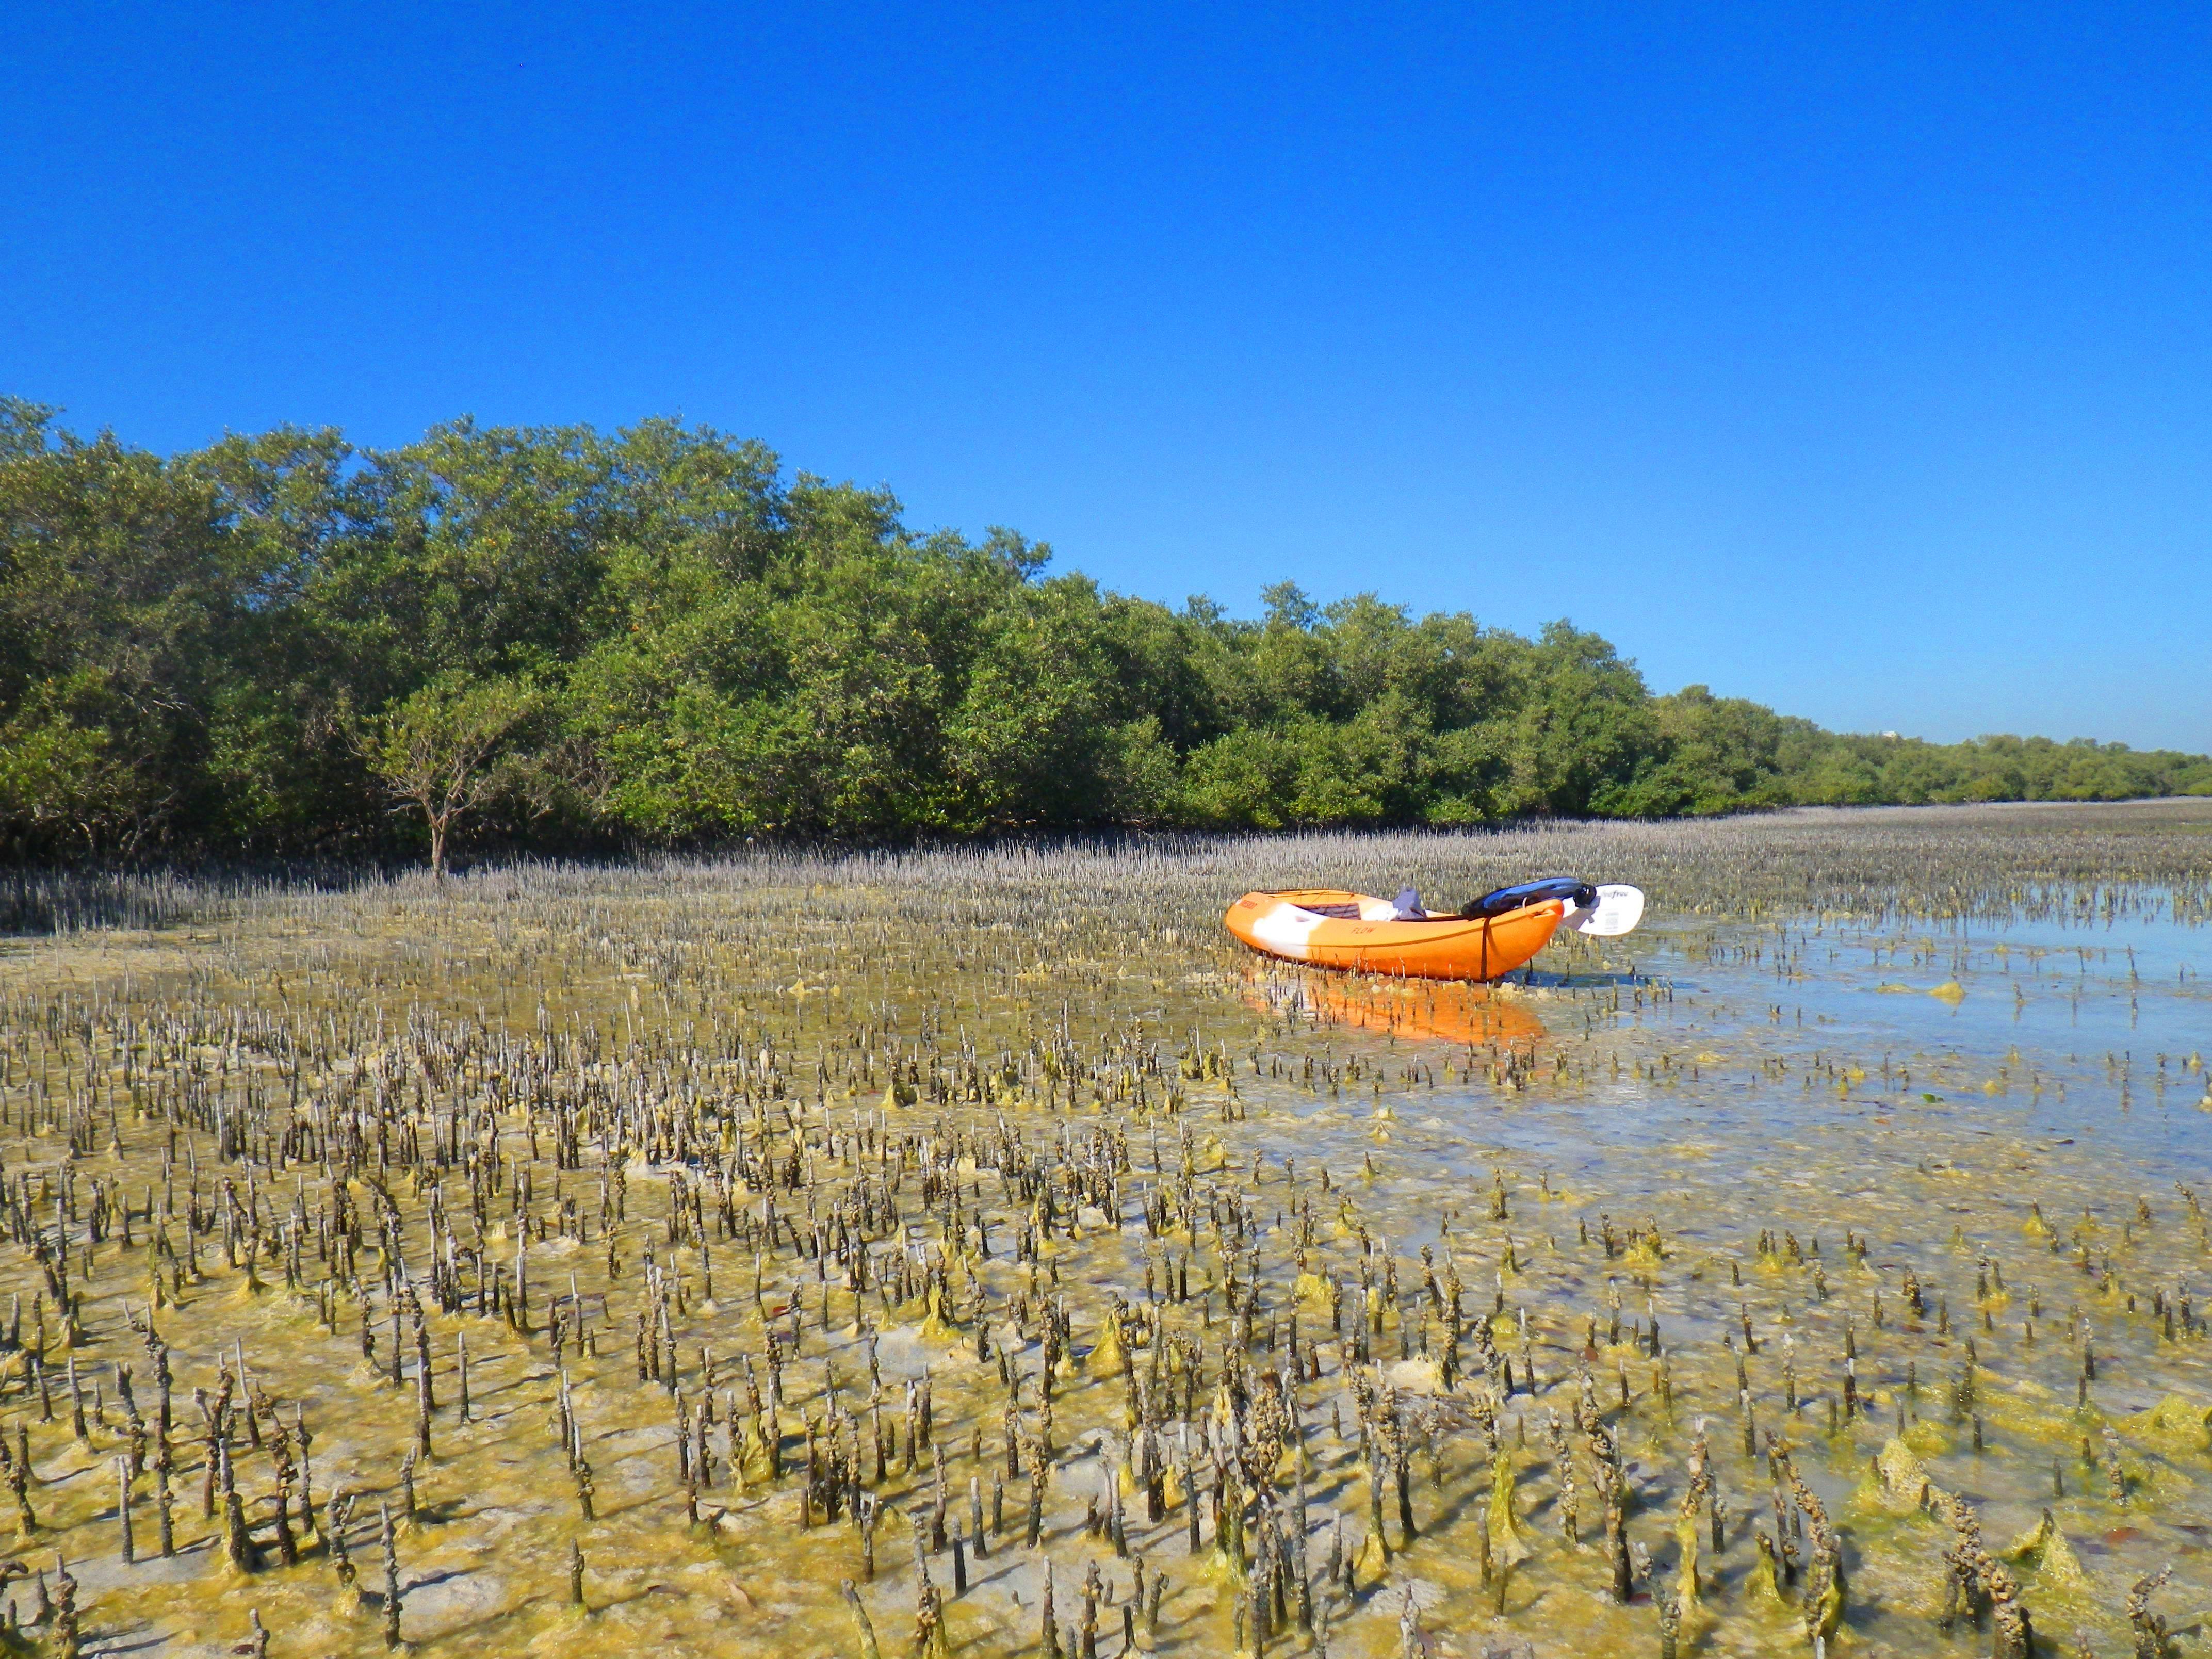 Photo 3: La Mangroove d'Abu Dhabi!! Exceptionnelle